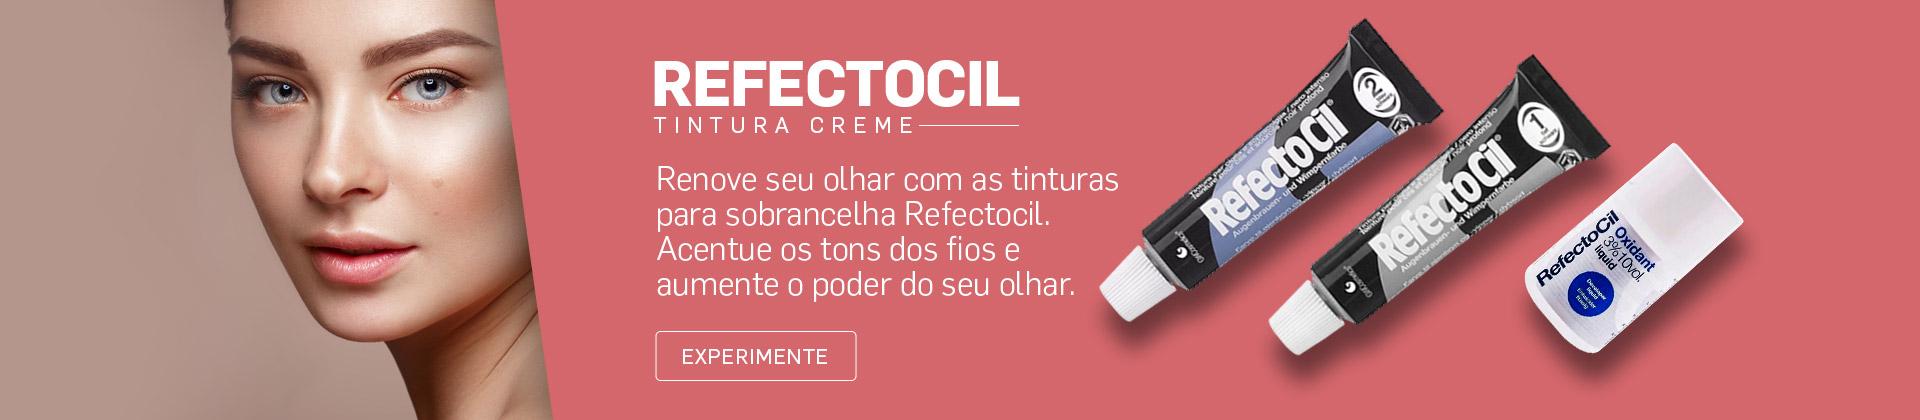 Institucional - Refectocil